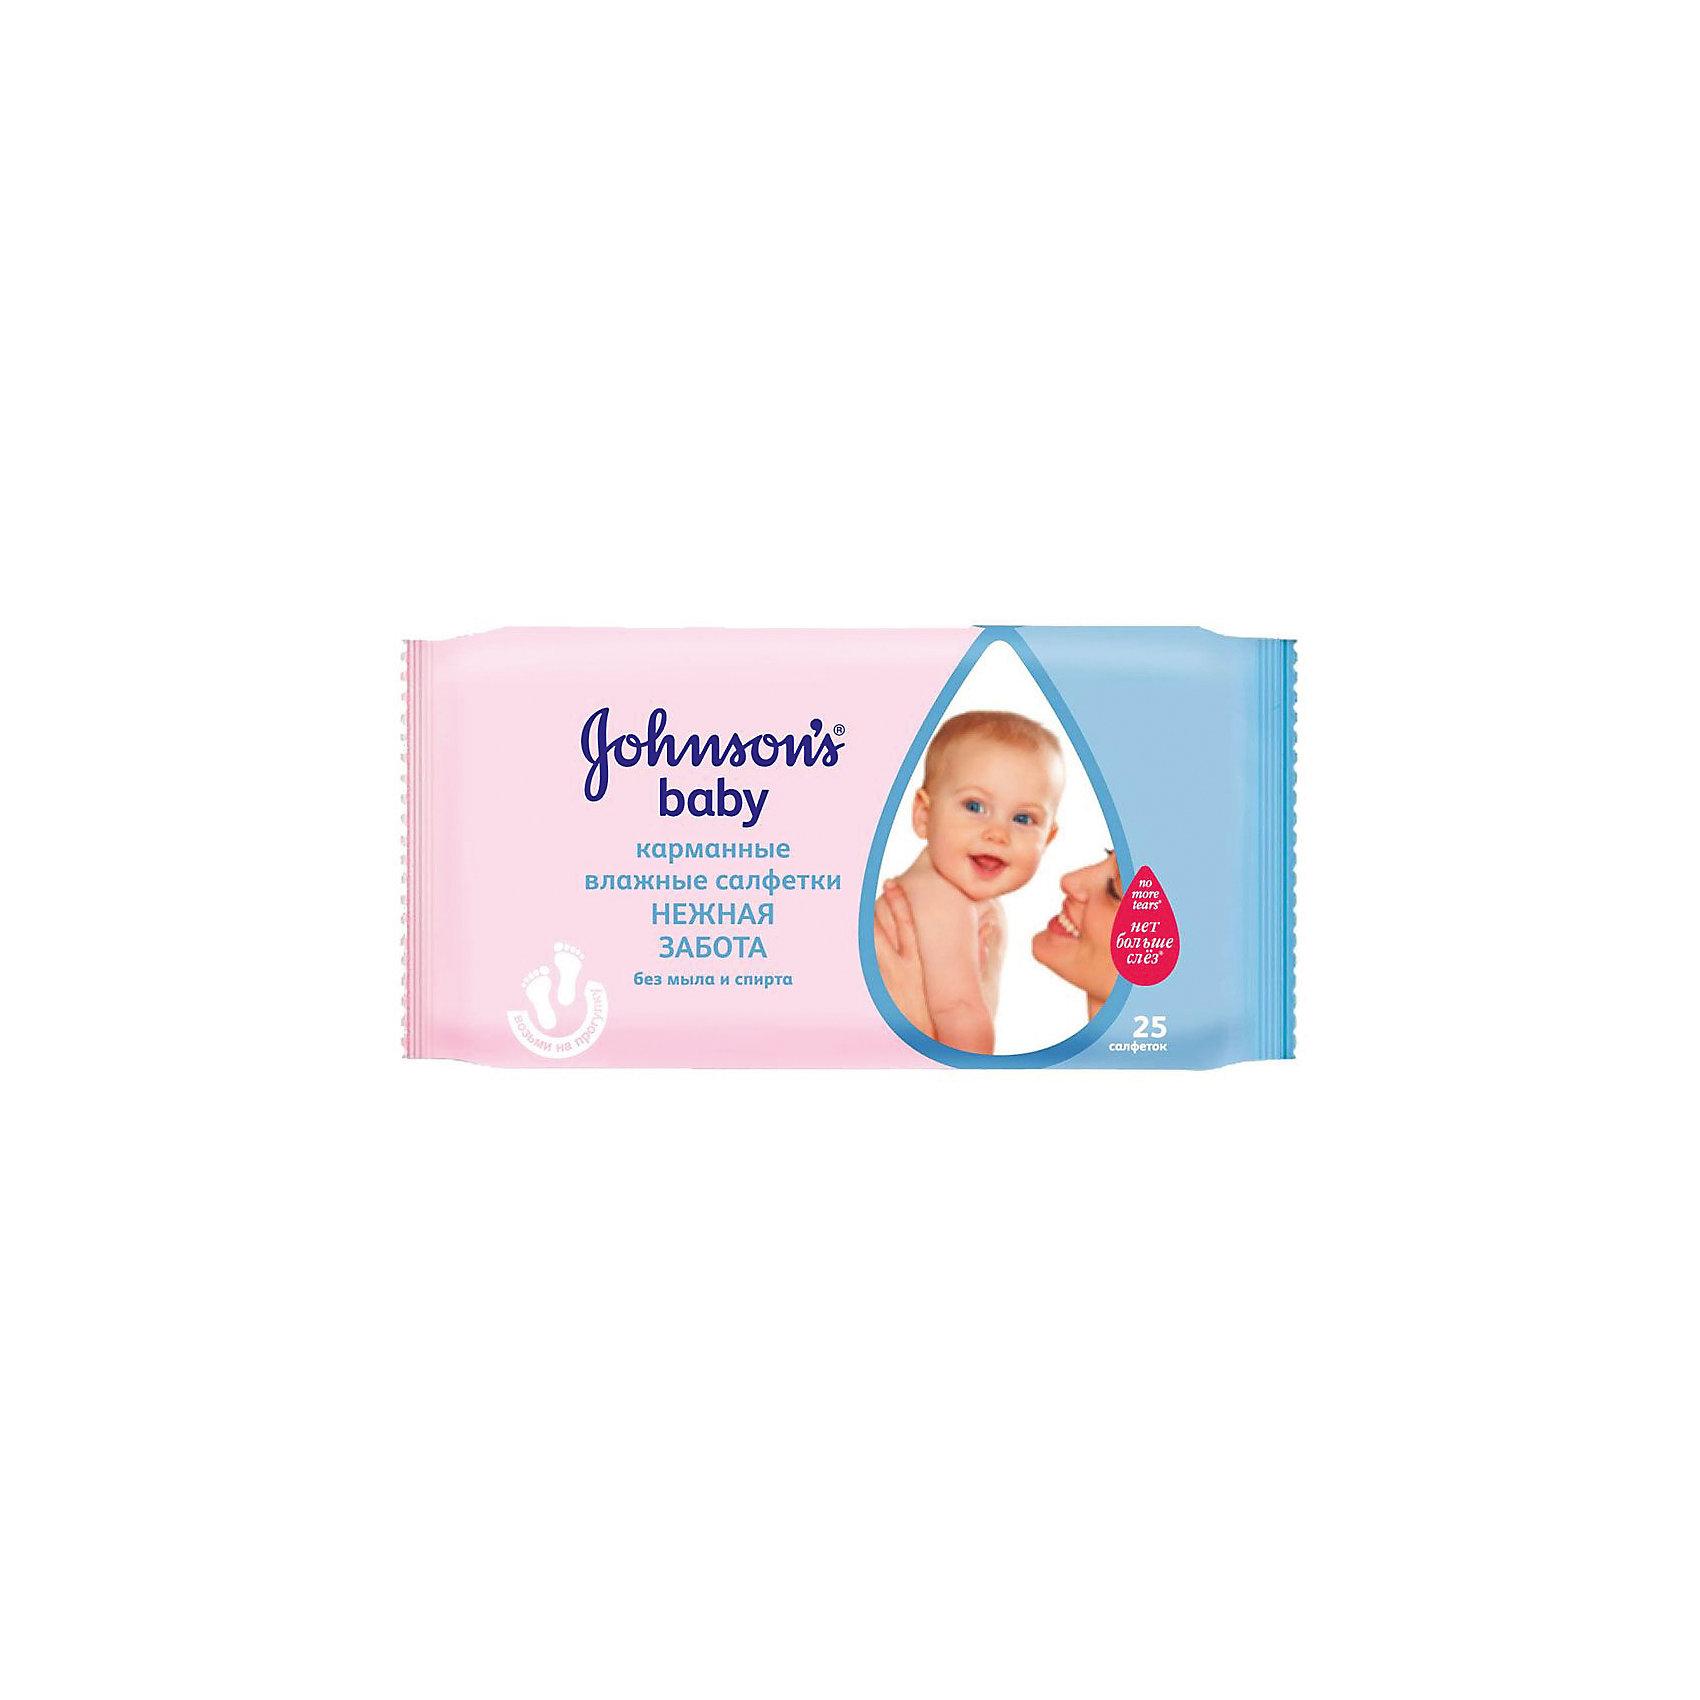 Johnson`s baby Влажные салфетки Нежная забота 25 шт., Johnson`s baby johnson s baby влажные салфетки для самых маленьких 128 шт подарок pure protect влажные салфетки детские 25 шт